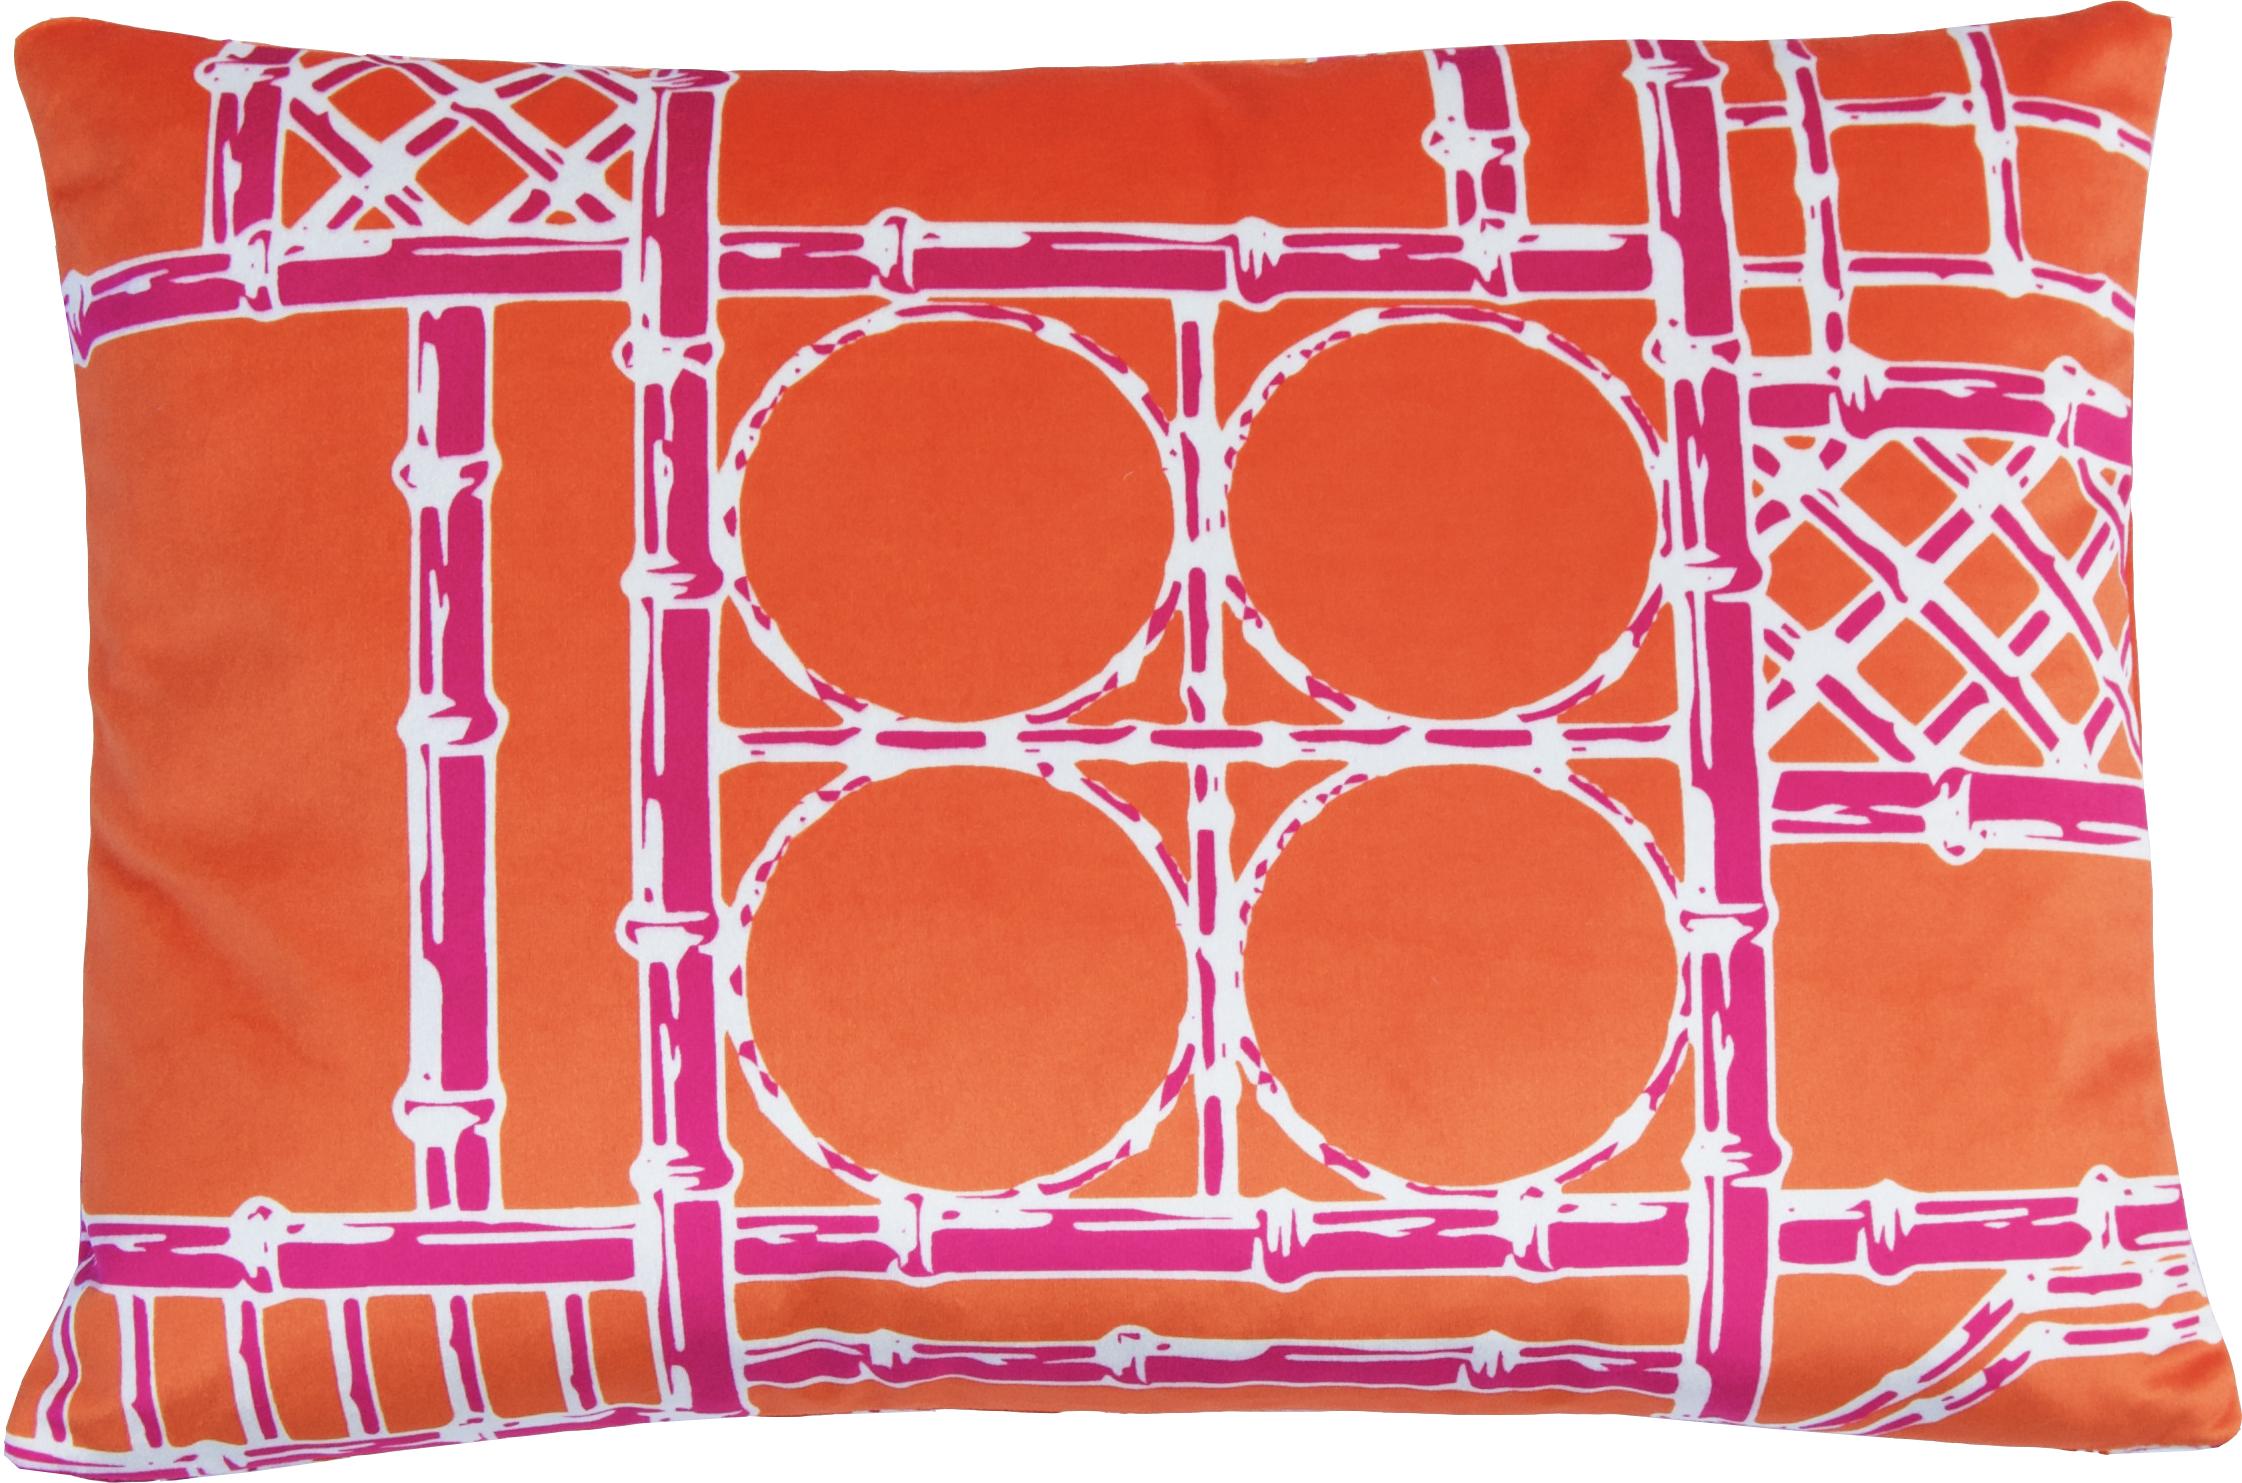 Bamboo Fretwork Lumbar_OrangeRaspberry_Velvet II.jpg